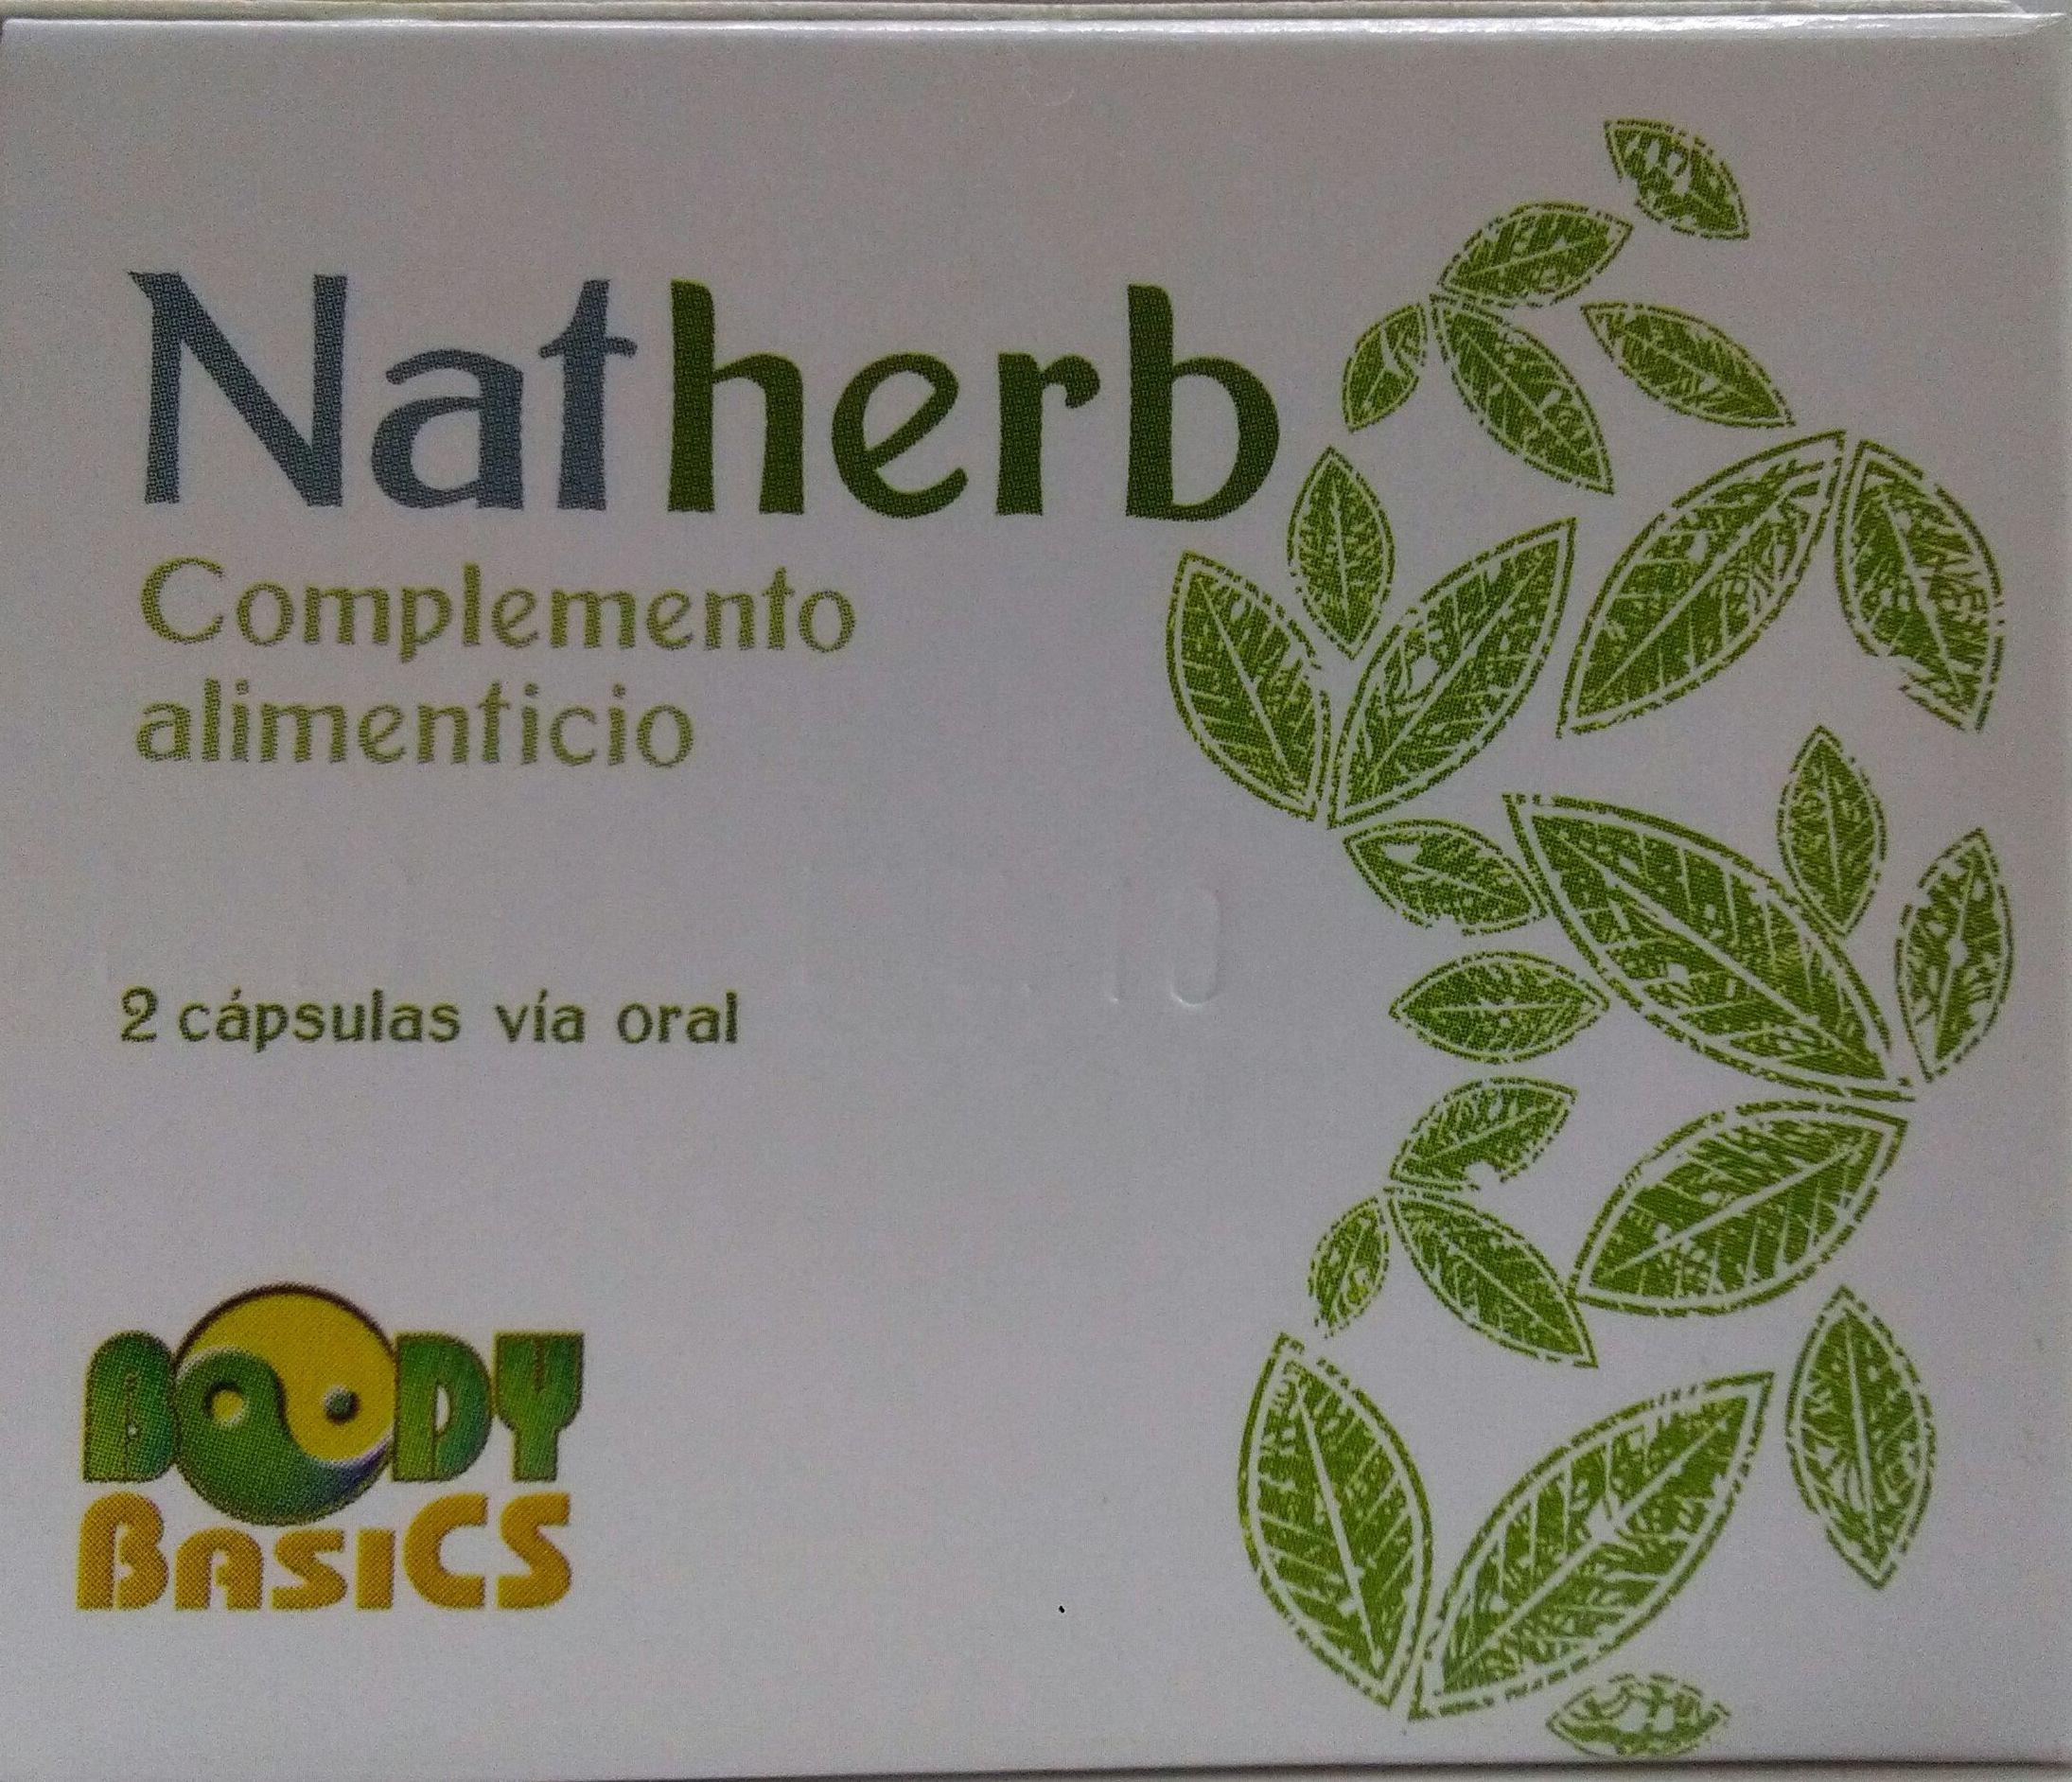 Natherb